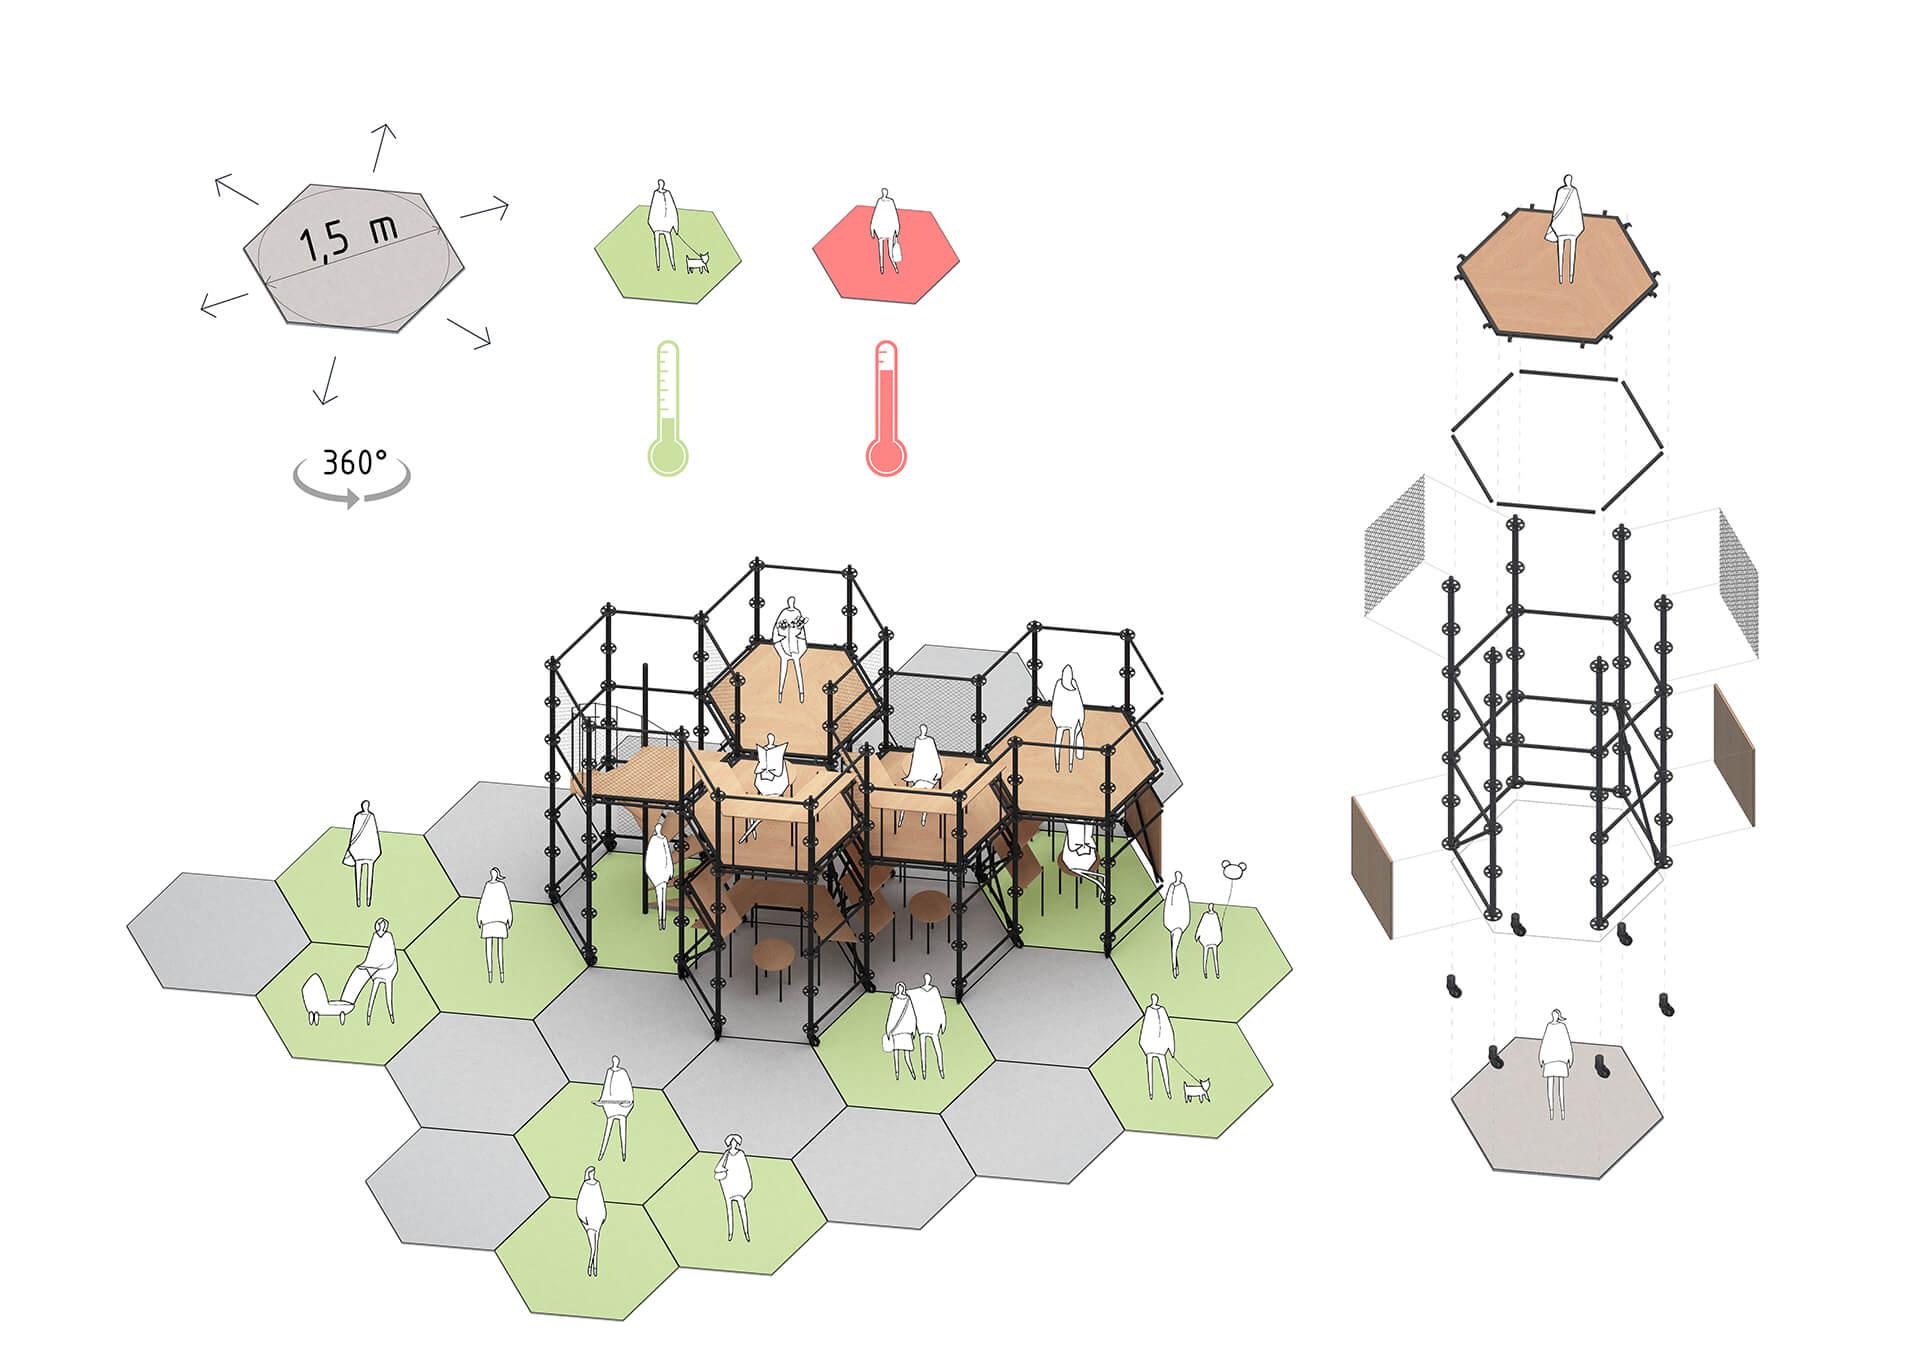 Hexagonal-Module Concept for Social Distancing